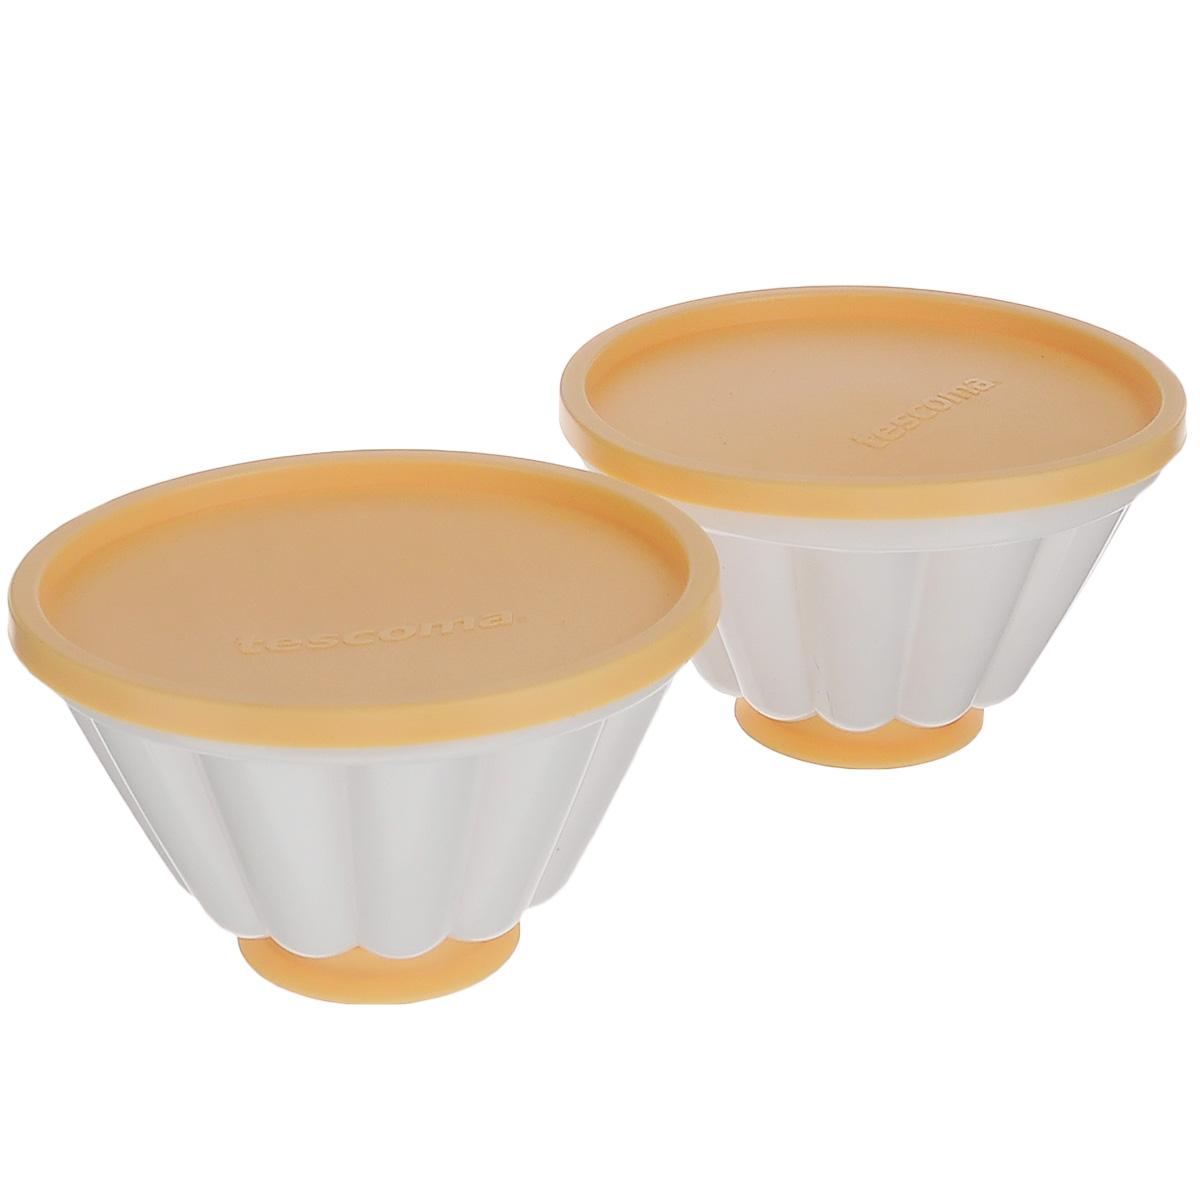 Набор форм для пудинга Tescoma Delicia с крышками, диаметр 11 см, 2 шт630593Набор Tescoma Delicia, изготовленный из высококачественного прочного пластика, состоит из двух форм для пудинга. Формы оснащены рельефной поверхностью, крышками и фигурными основаниями в виде сердца и звезды. Изделия отлично подходят для приготовления заварных кремов, десертов, творожных пудингов, фруктовых желе и других блюд. Можно мыть в посудомоечной машине. Диаметр формы: 11 см. Высота формы (без учета крышки): 6,5 см.